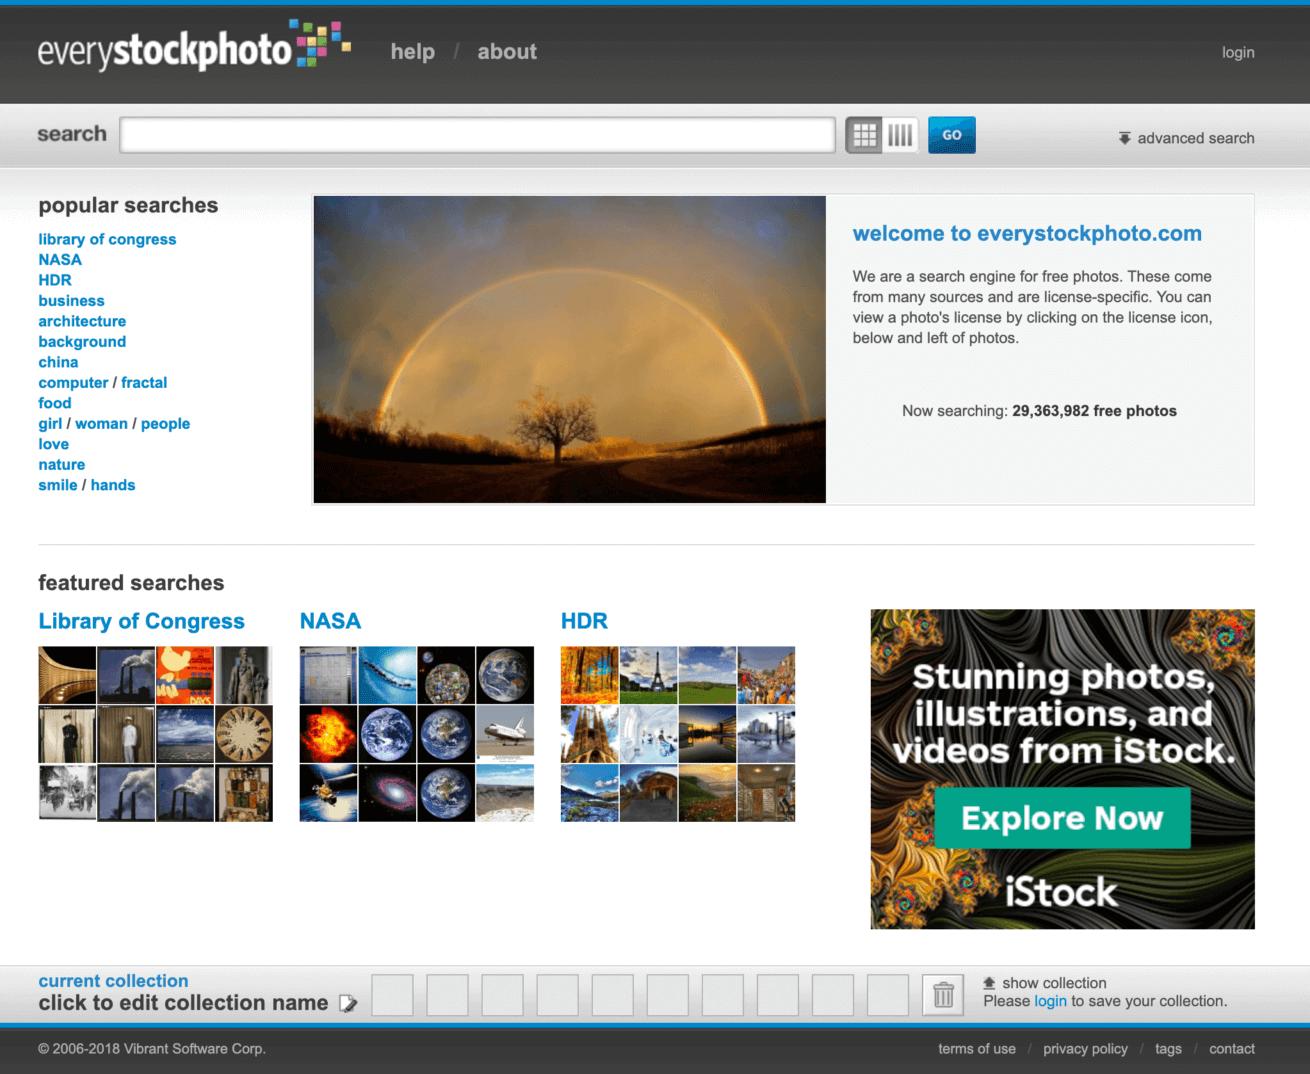 「everystockphoto」のサイトイメージ画像